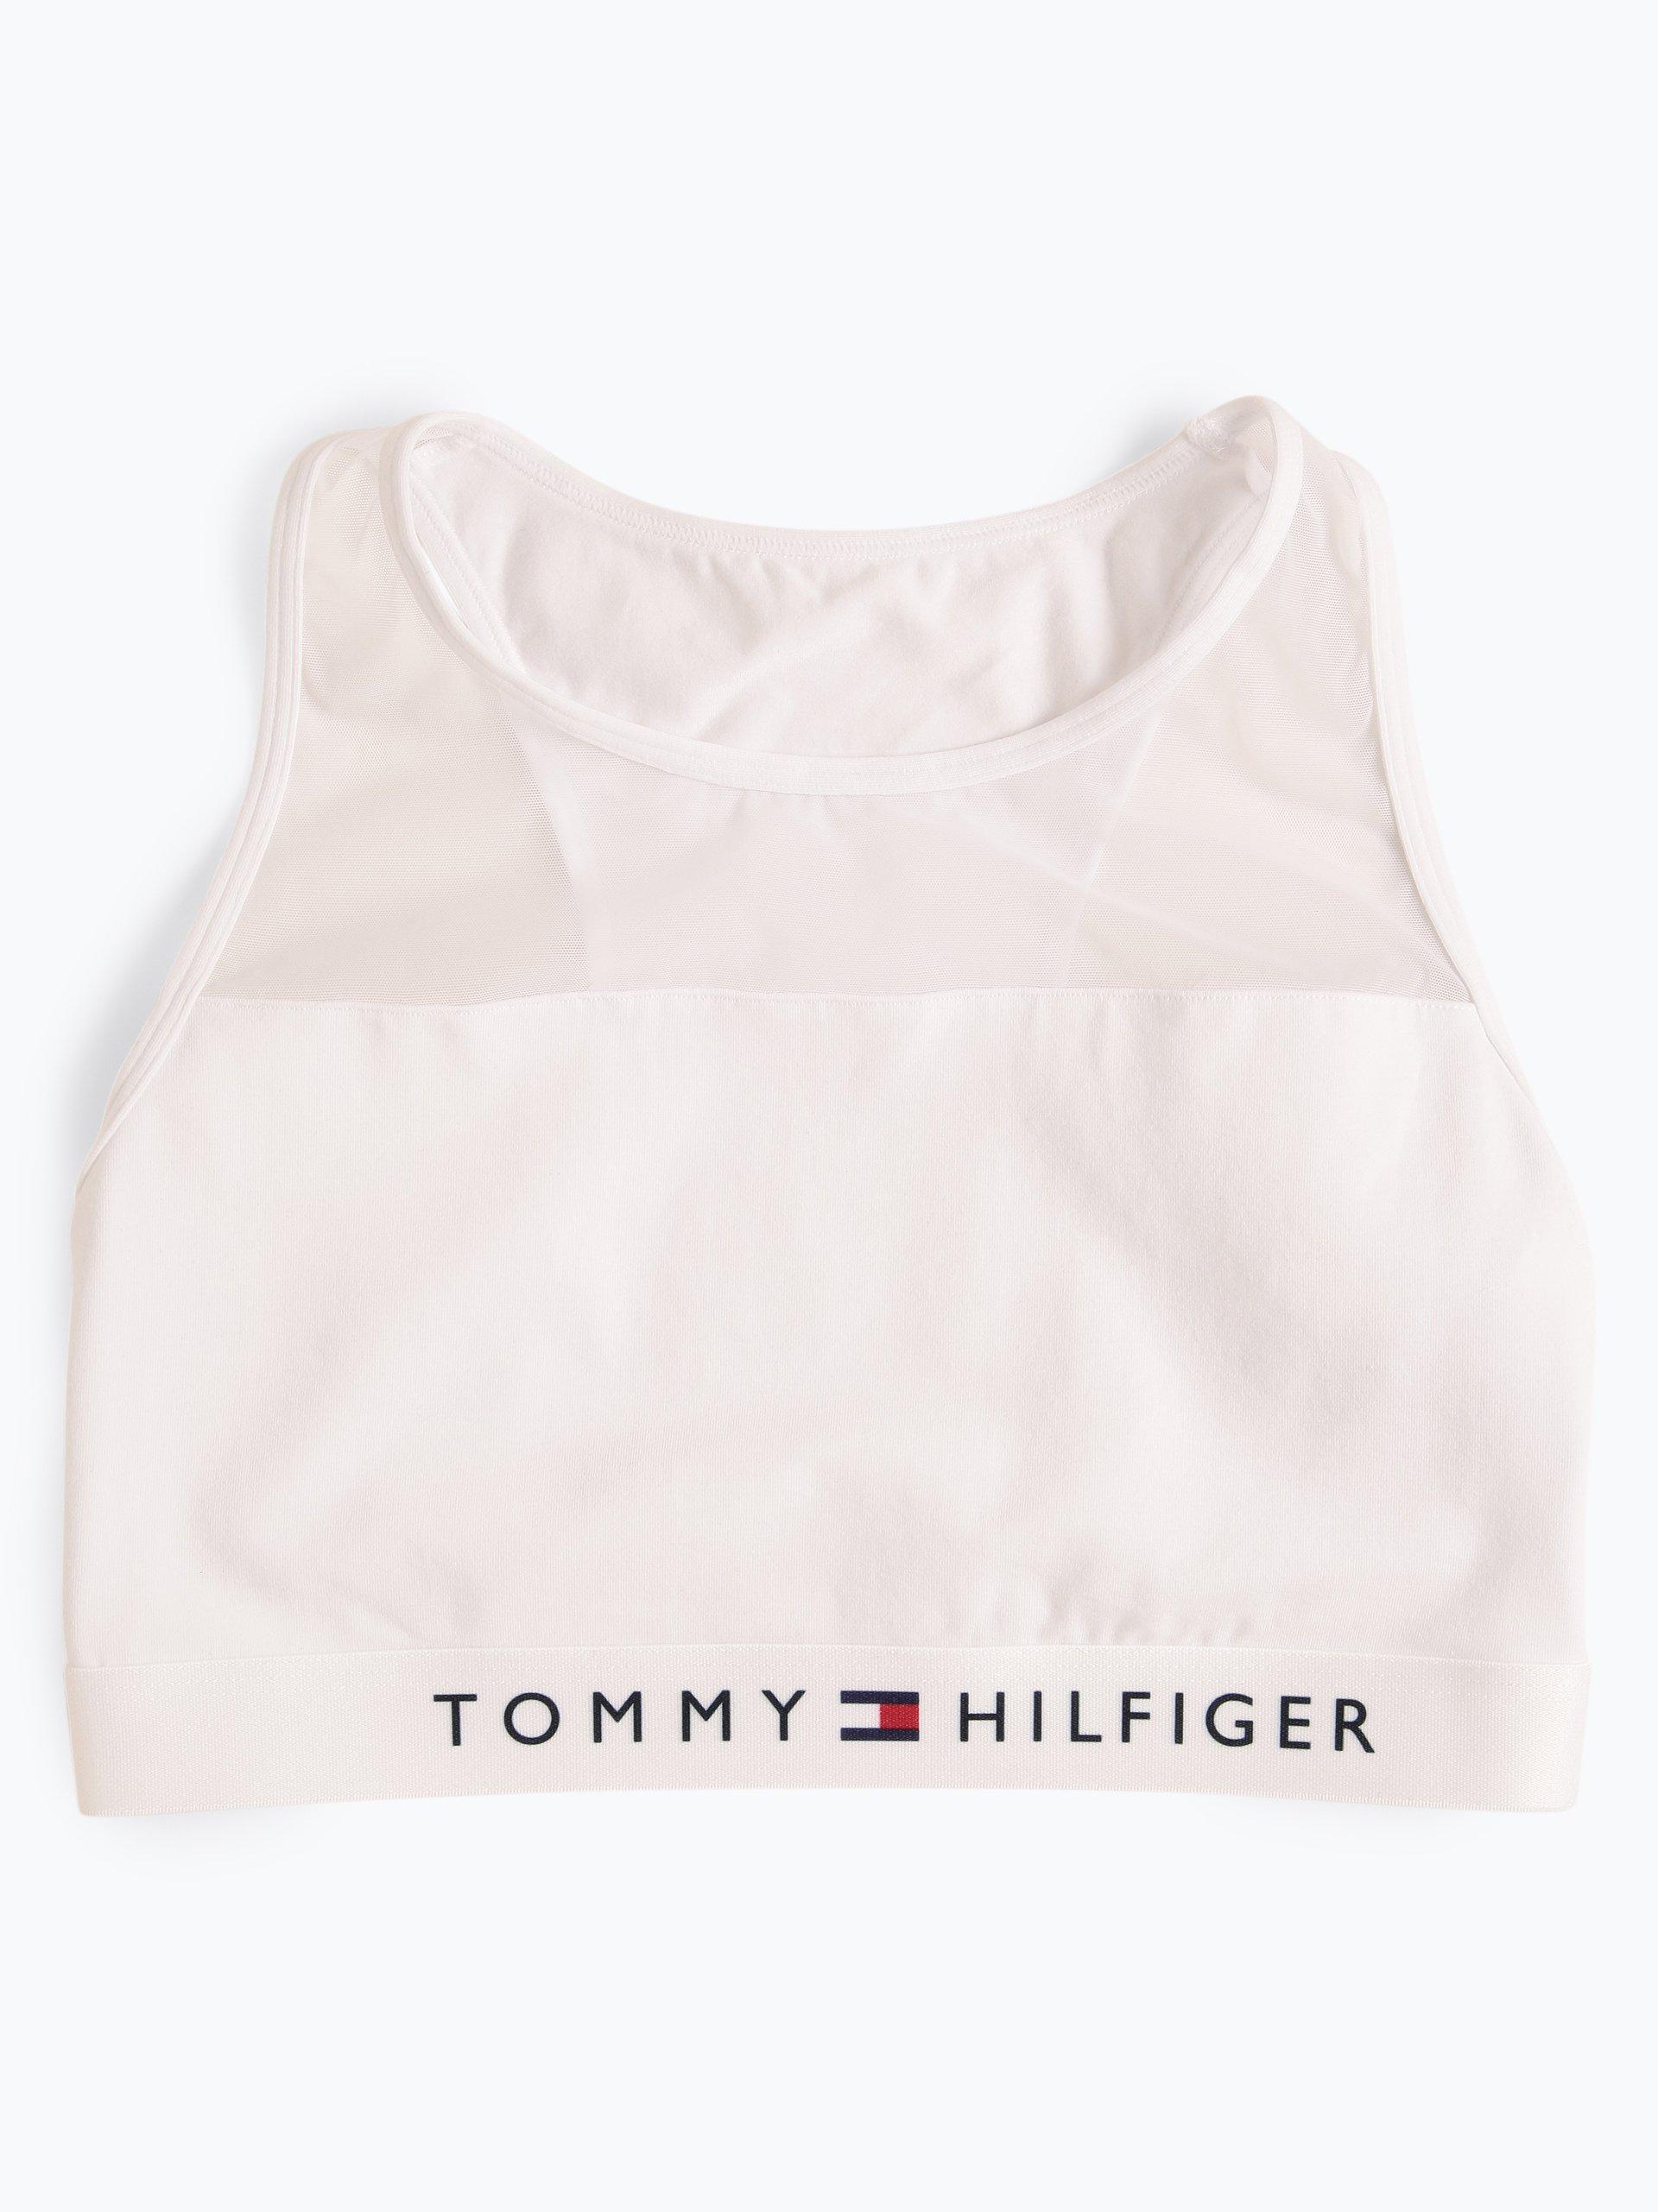 Tommy Hilfiger Damen Bustier